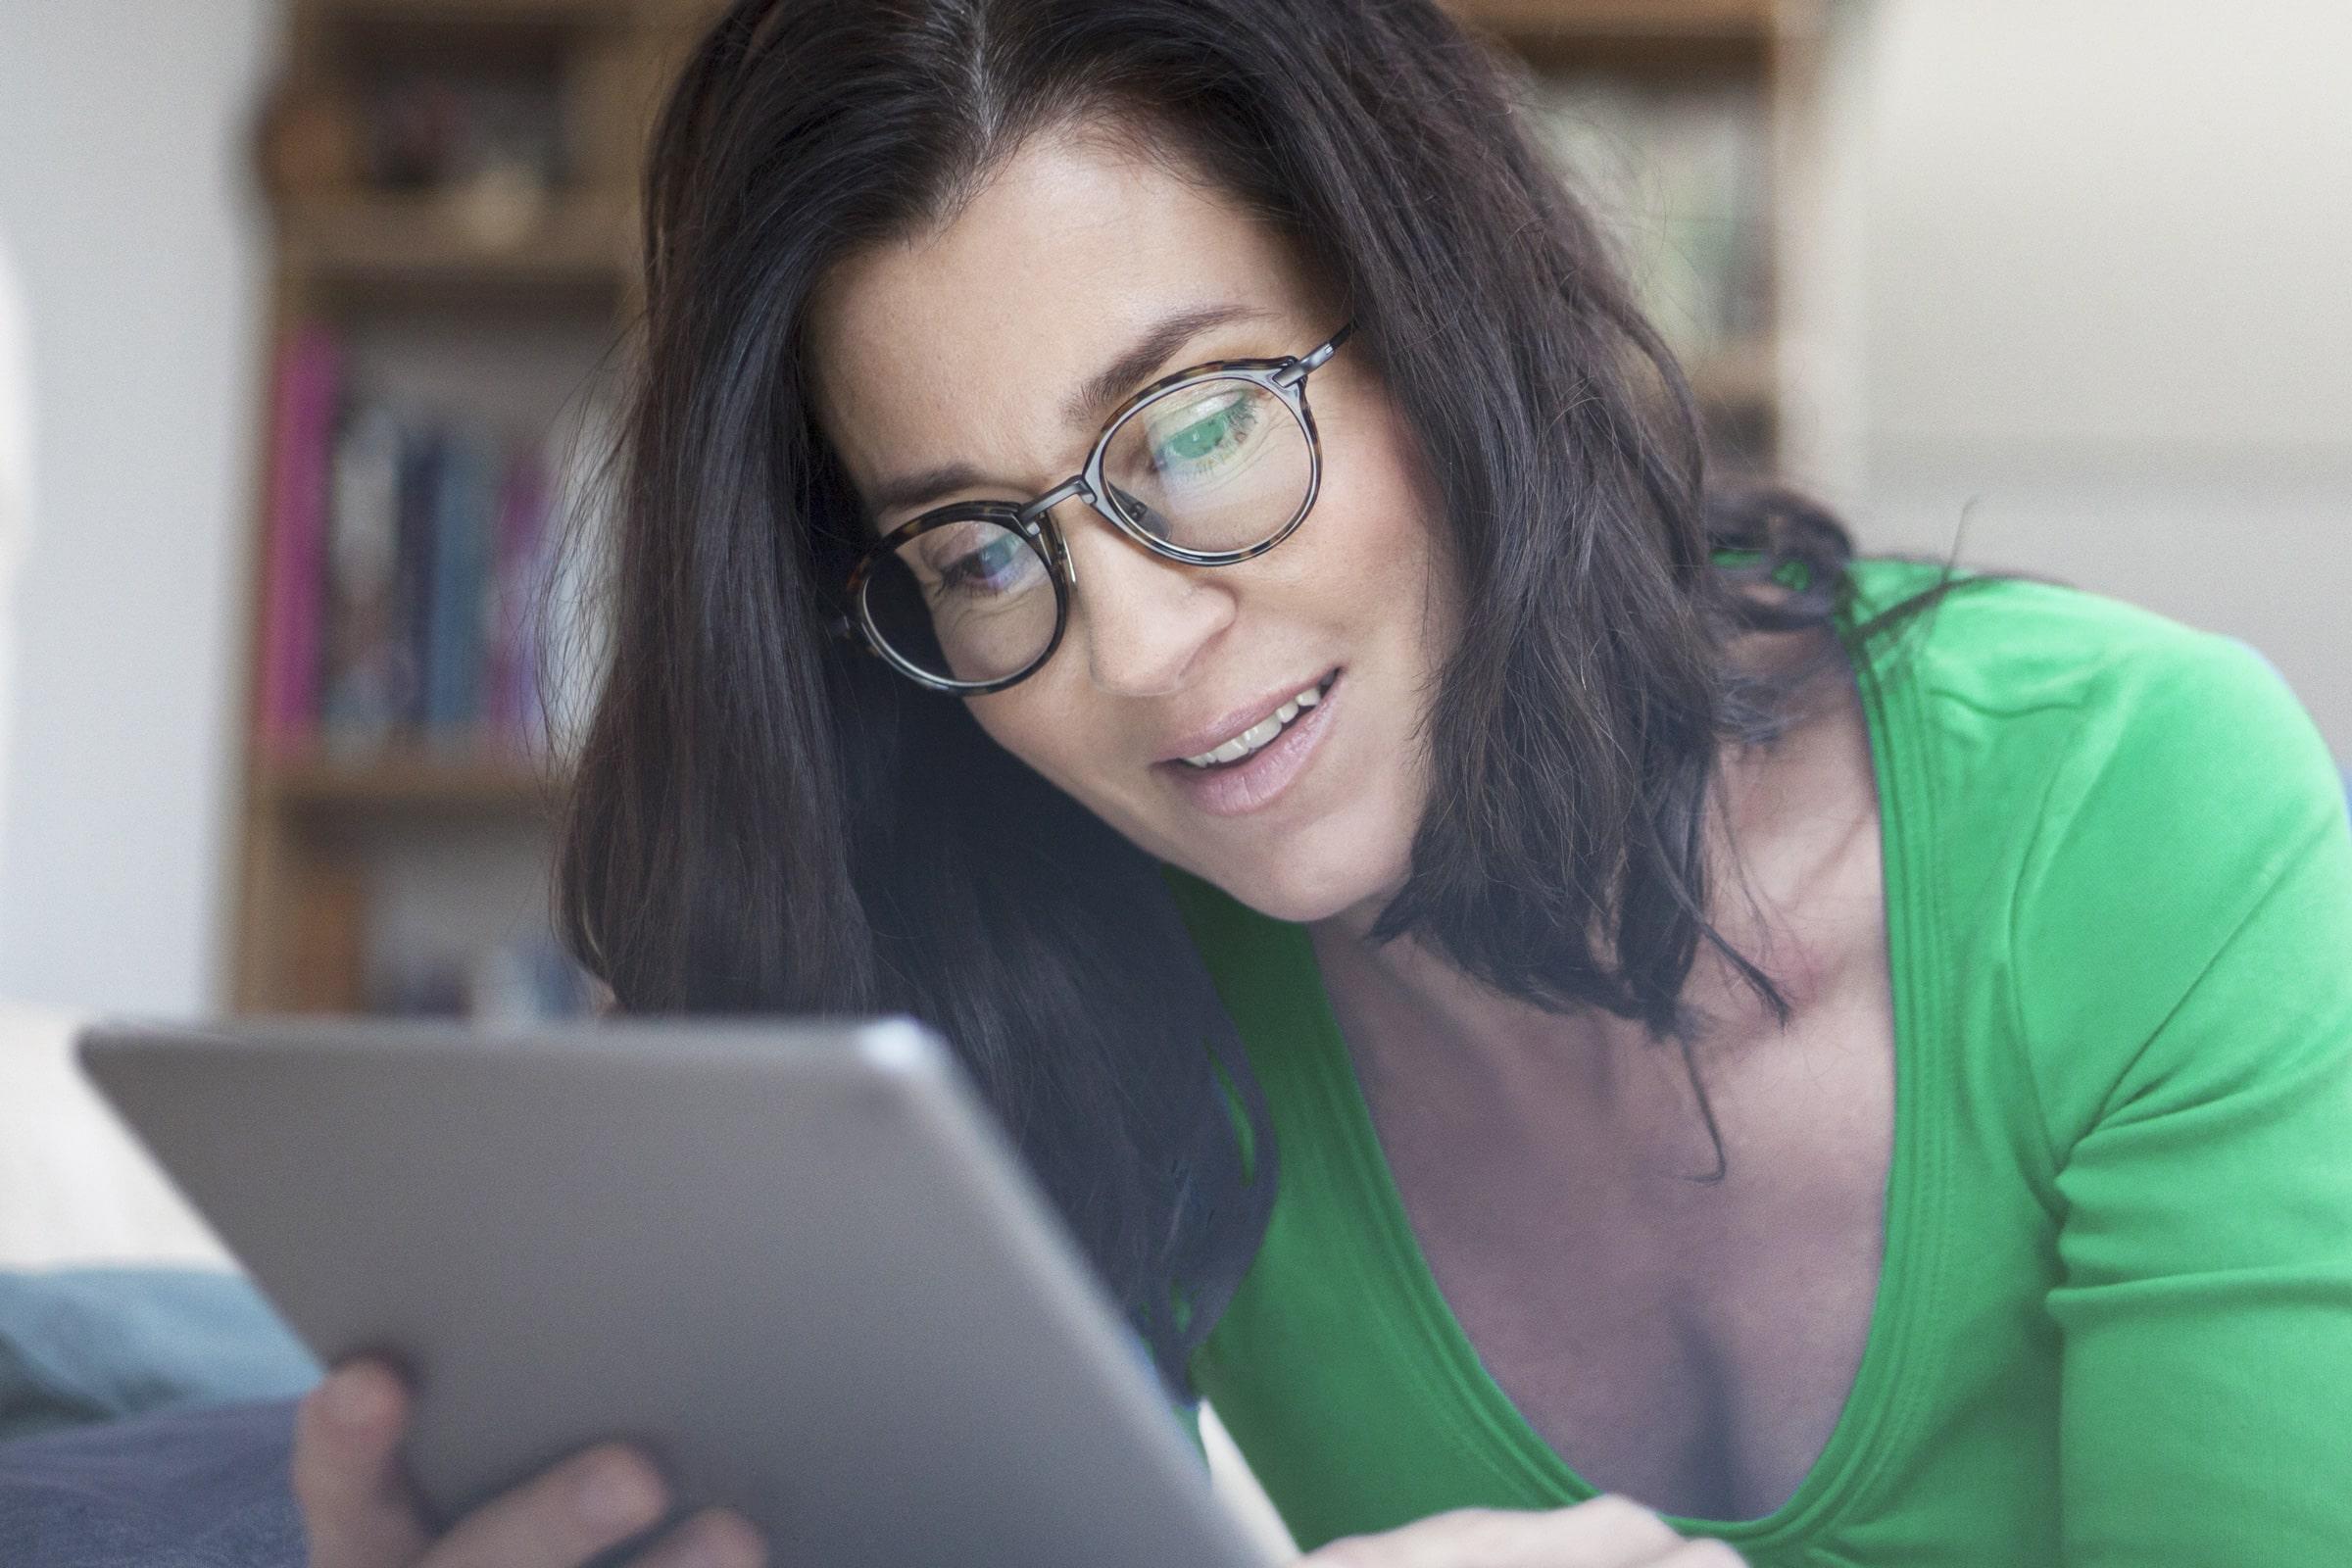 Investorka otevírající si účet prostřednictvím online brokera LYNX